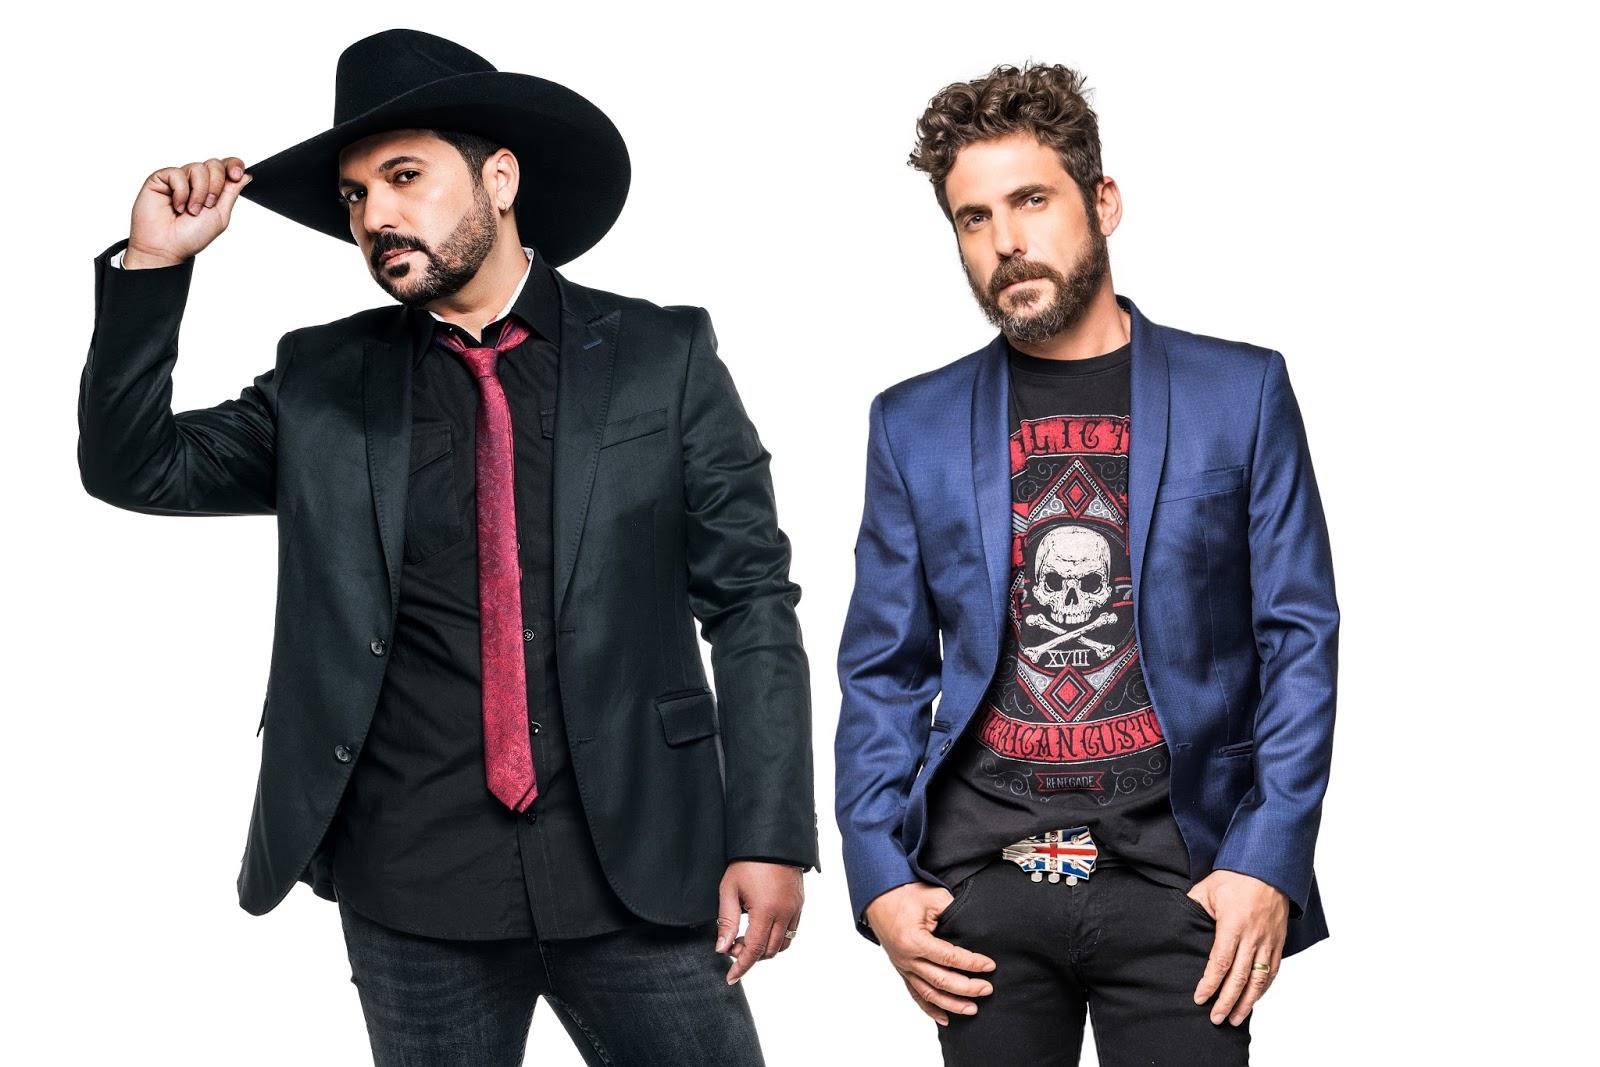 Edson e Hudson apresentam Sertanejo com rock'n roll em Curitiba